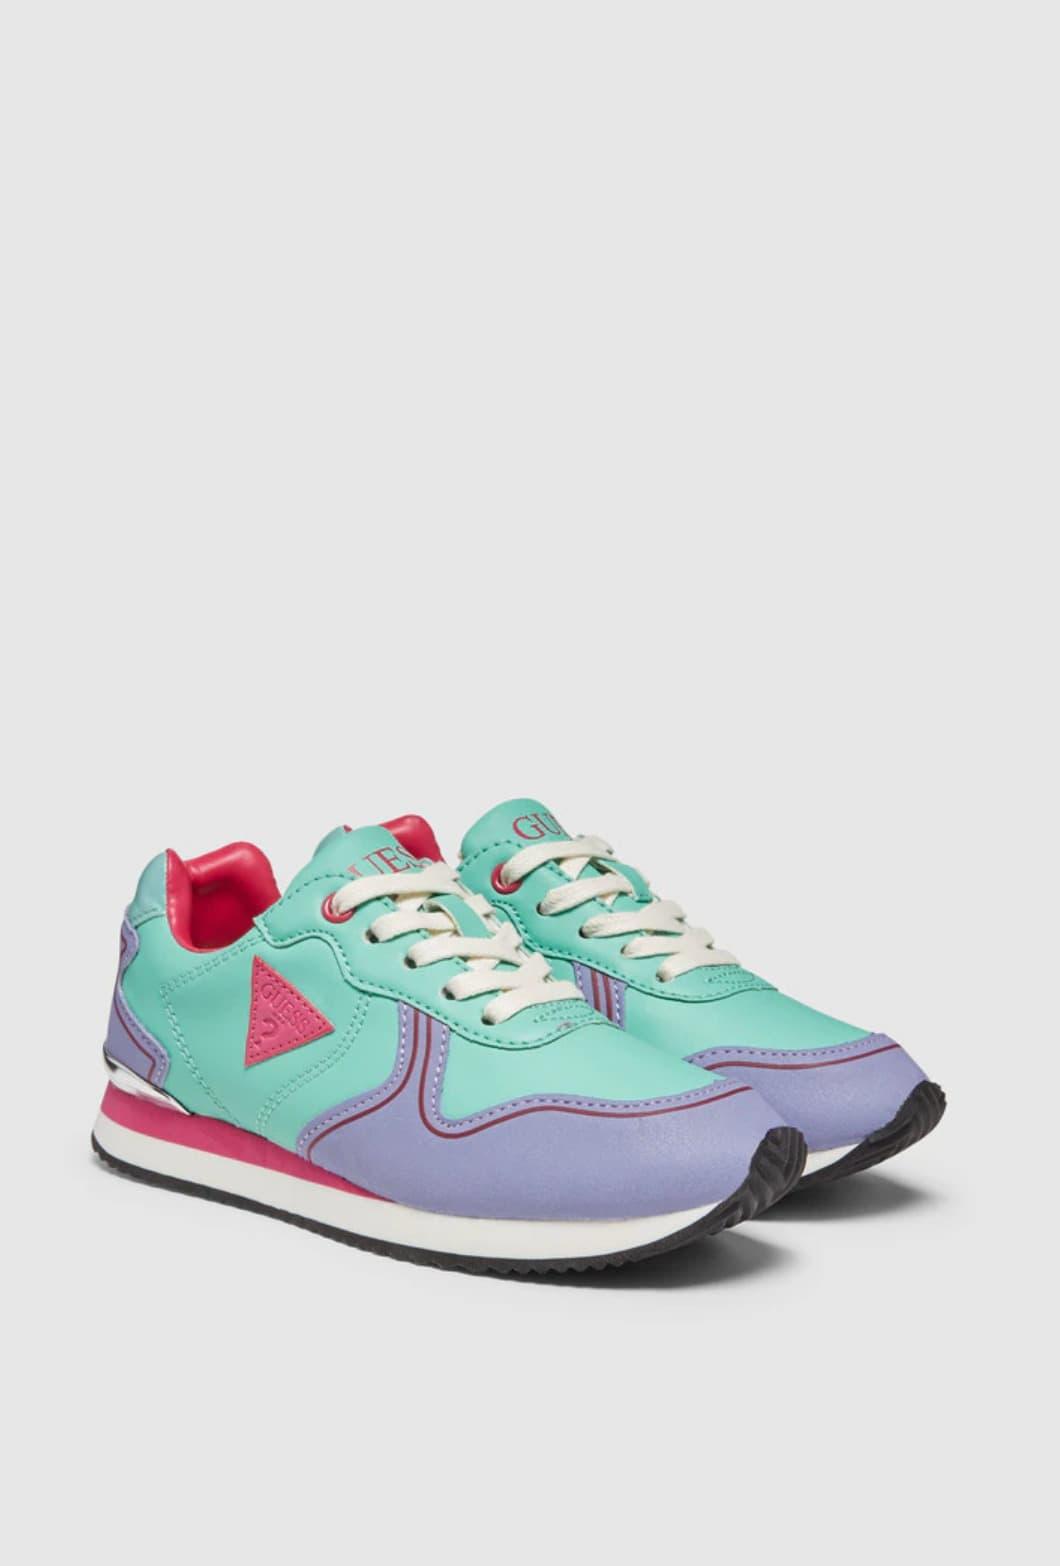 Zapatillas deportivas de niña Guess de color azul claro